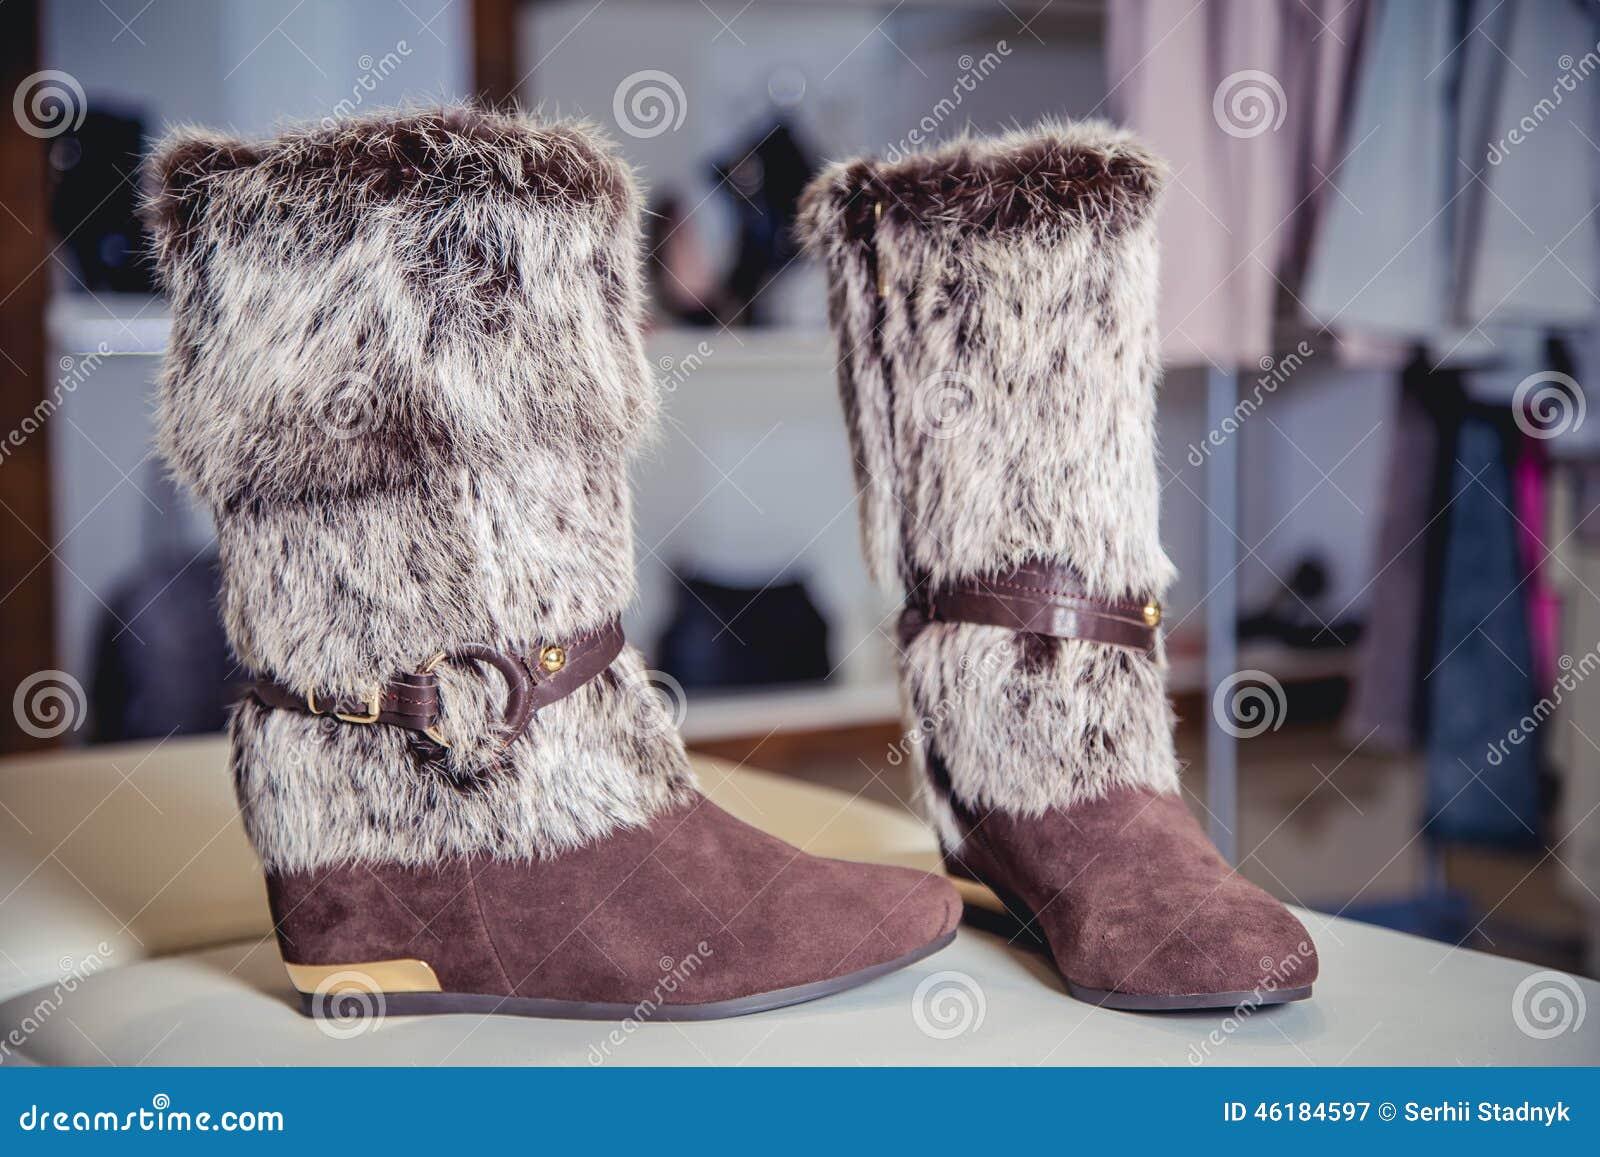 8c353859 Botas Para Mujer Del Otoño, Zapatos Italianos Elegantes Imagen de ...